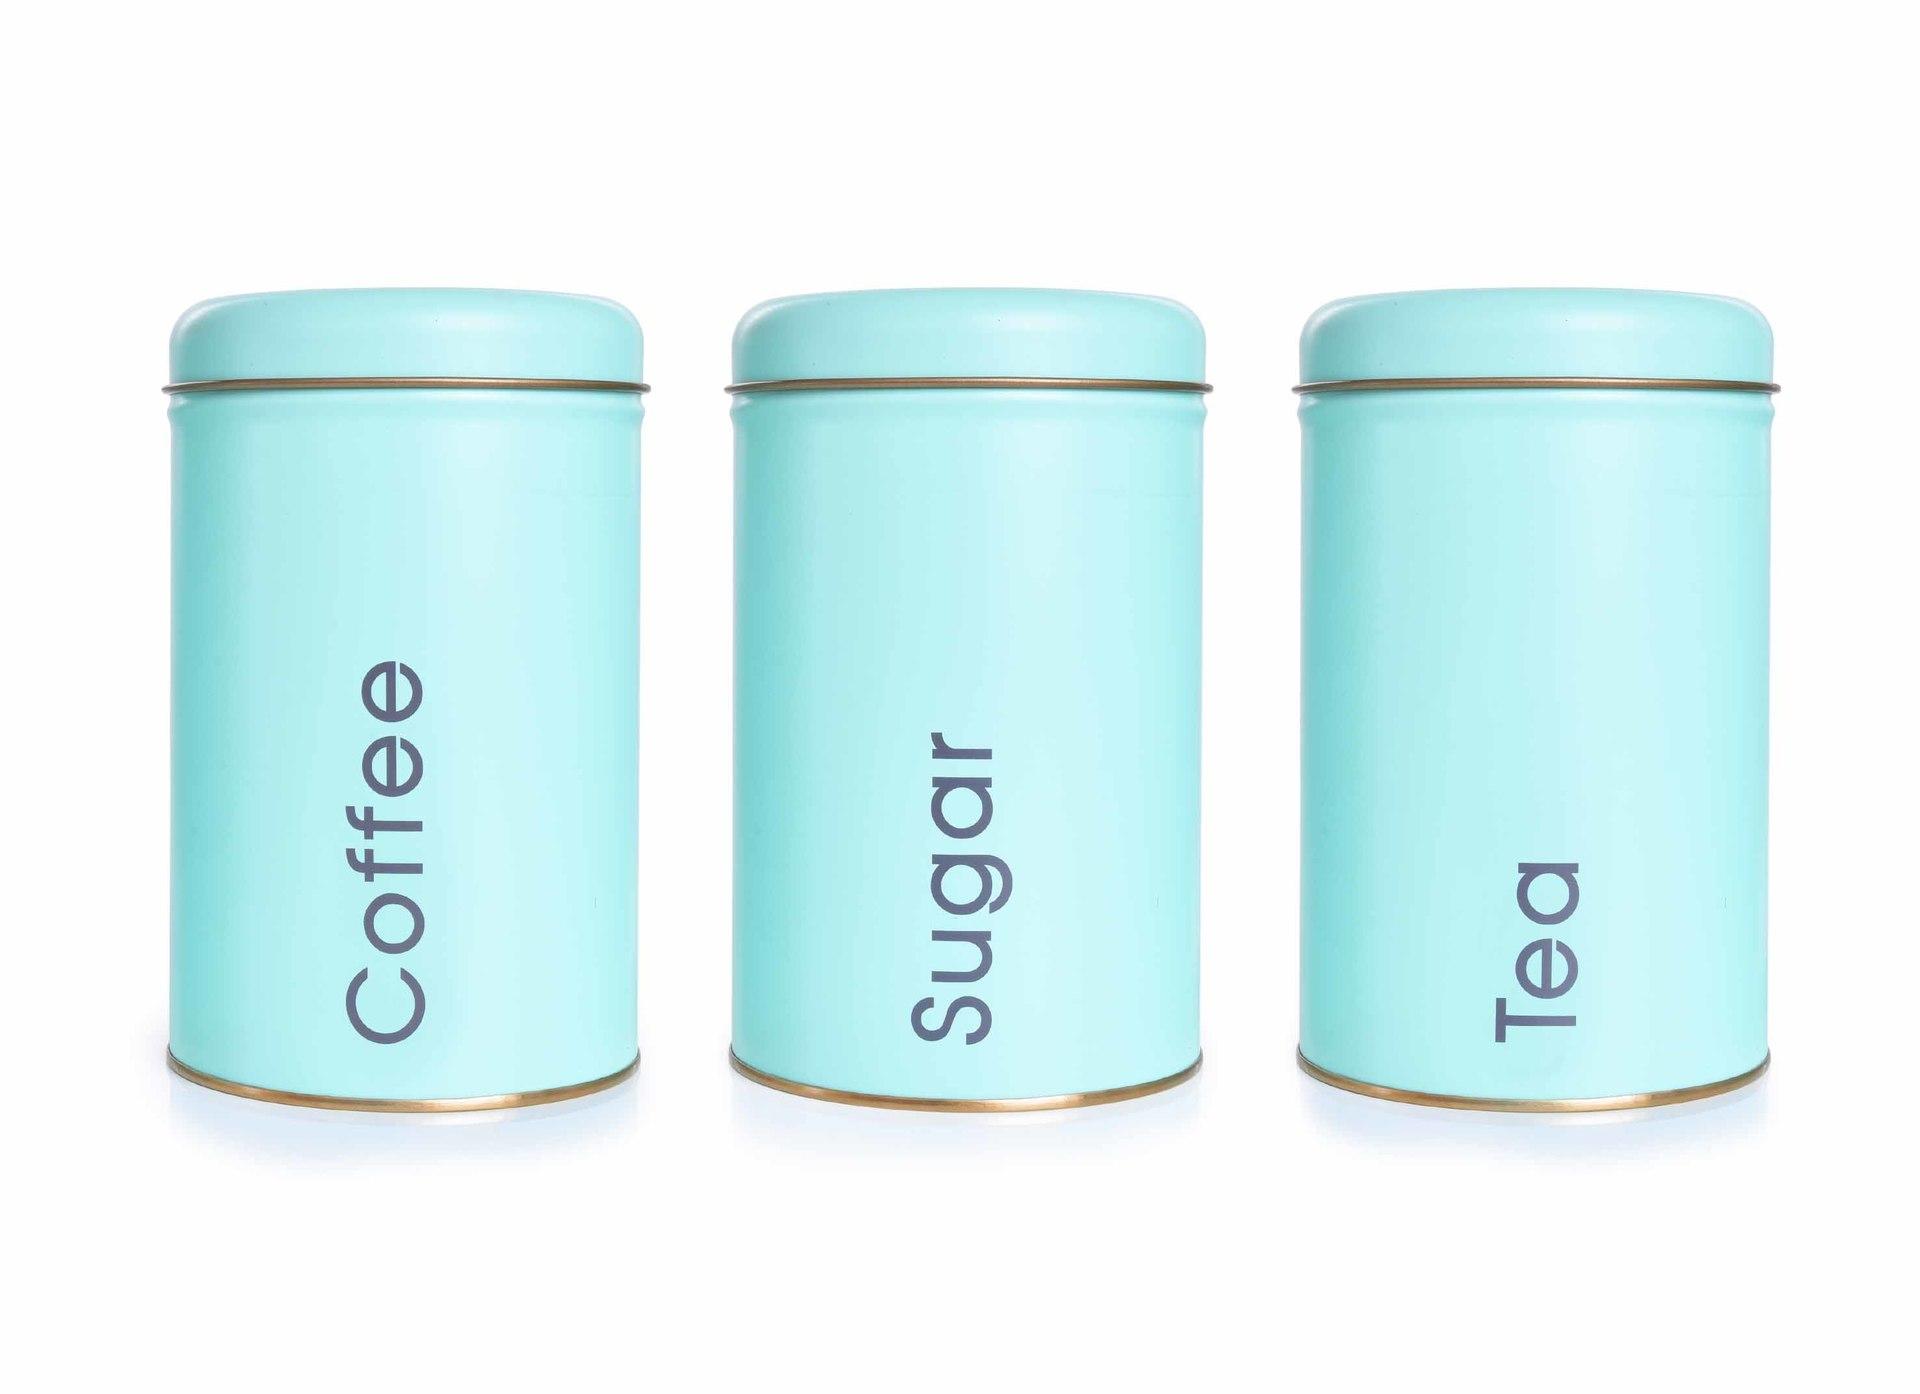 3 KS SADA kovových okrúhlych dóz Tea, Sugar, Coffee - mintové